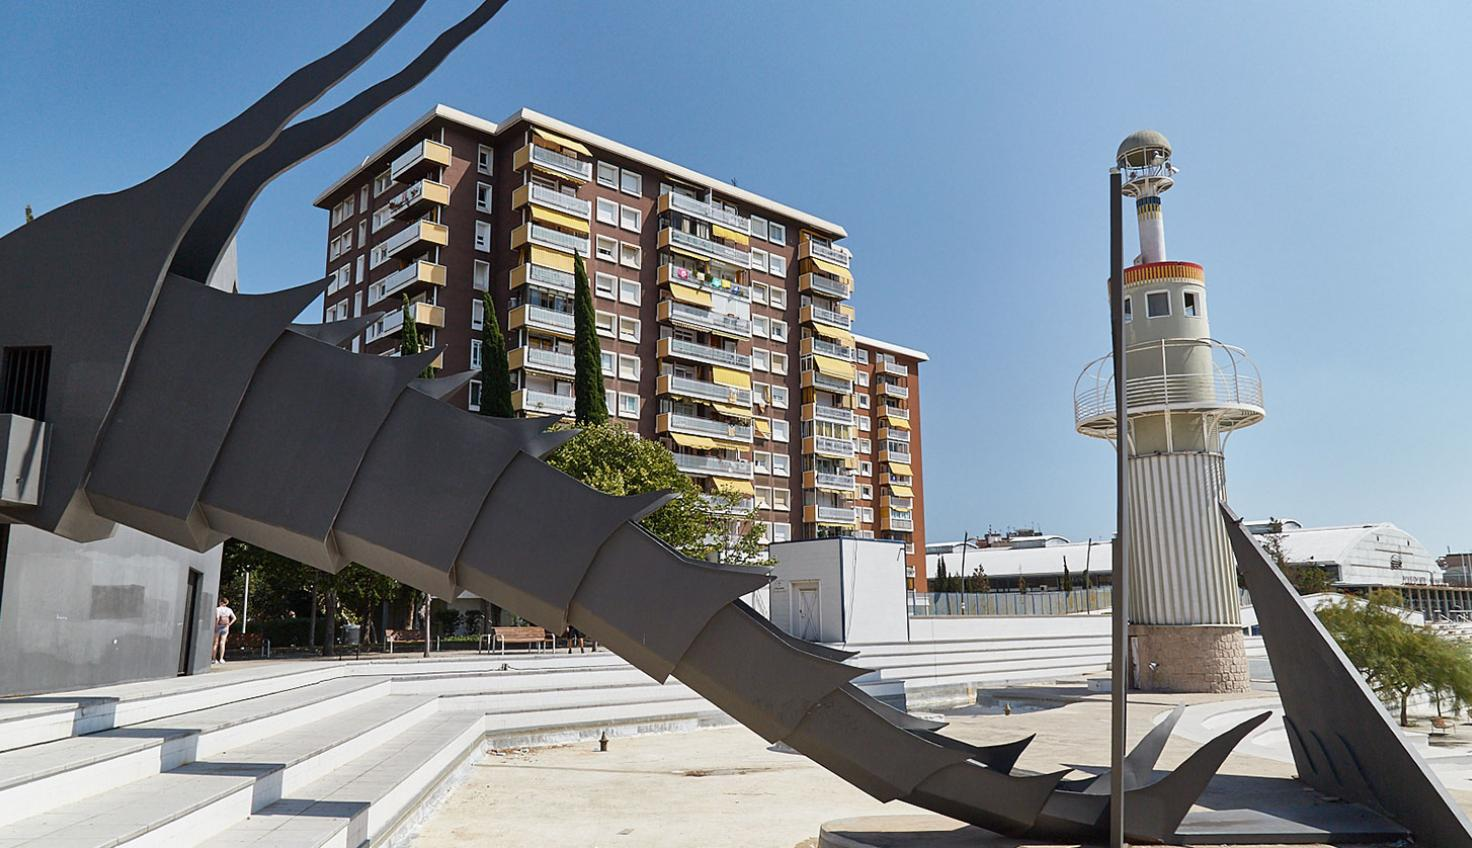 Photo Espanya Industrial Park - Luis Peña Ganchegui